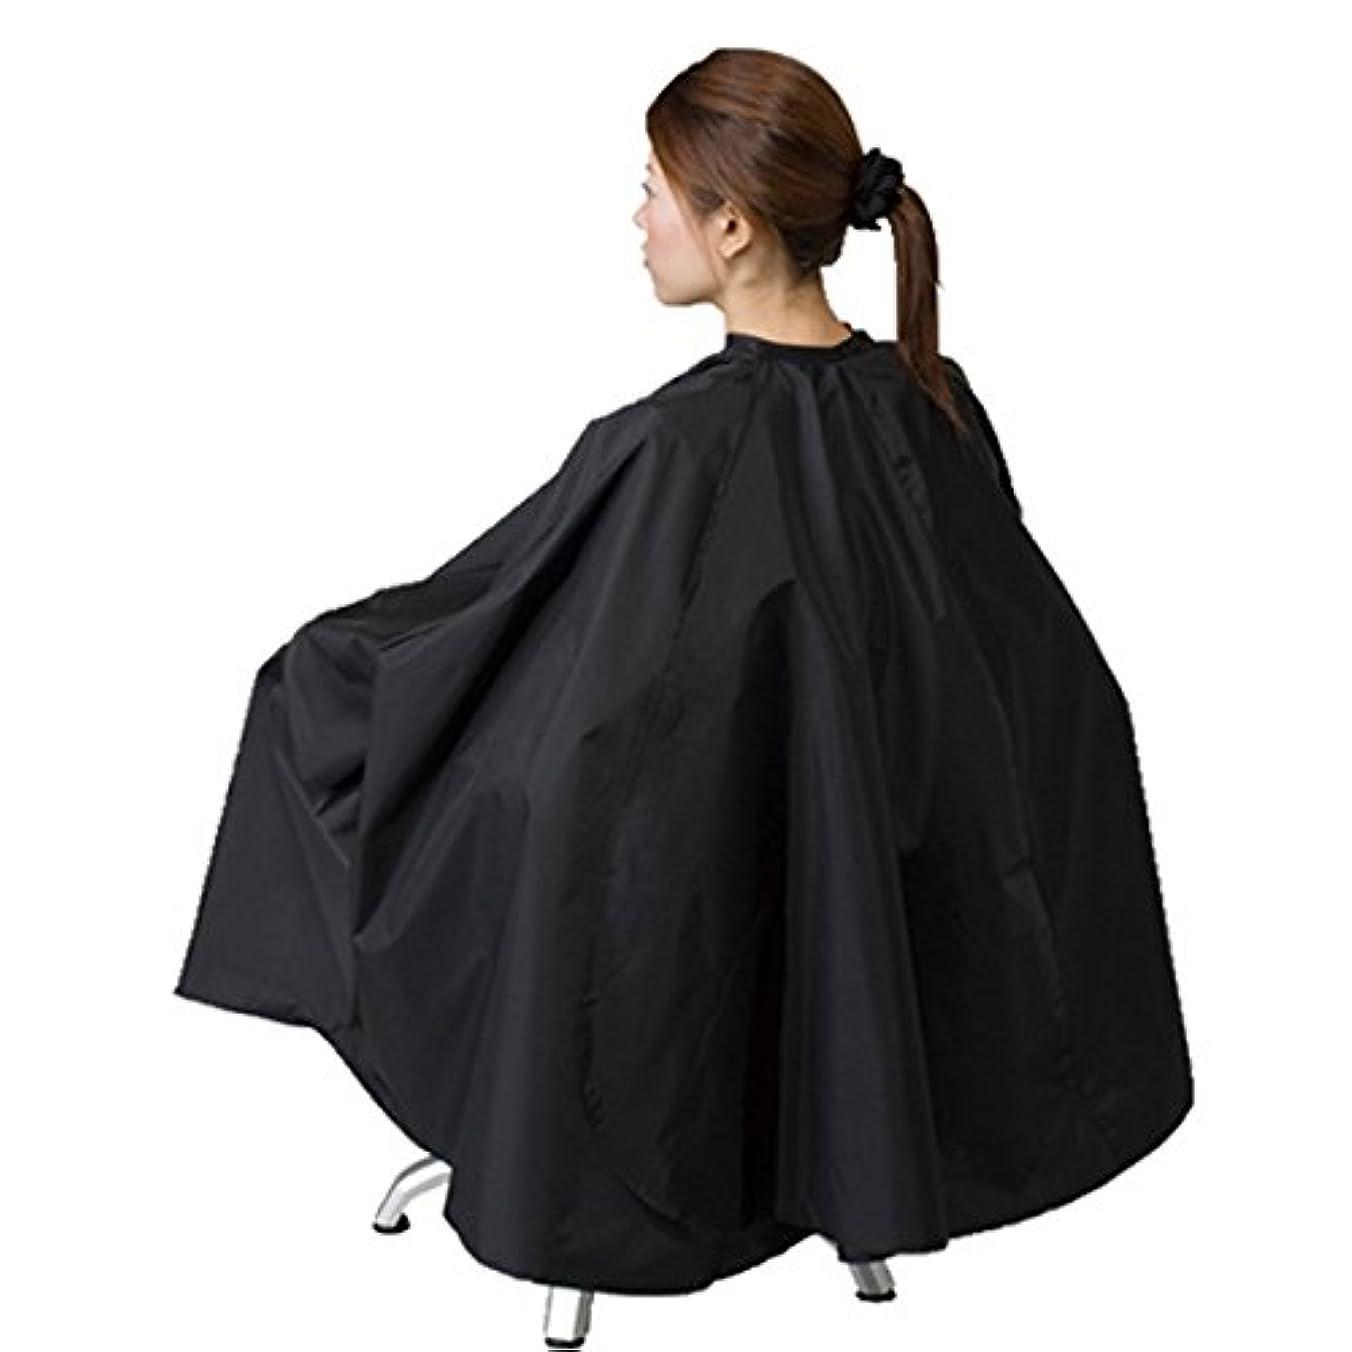 ますます意識的タール車イス?大型美容椅子対応 袖付 ヘアダイクロス エルコ 9777 BOX チェアー 毛染め用 訪問理美容にも ELCO (ブラック)